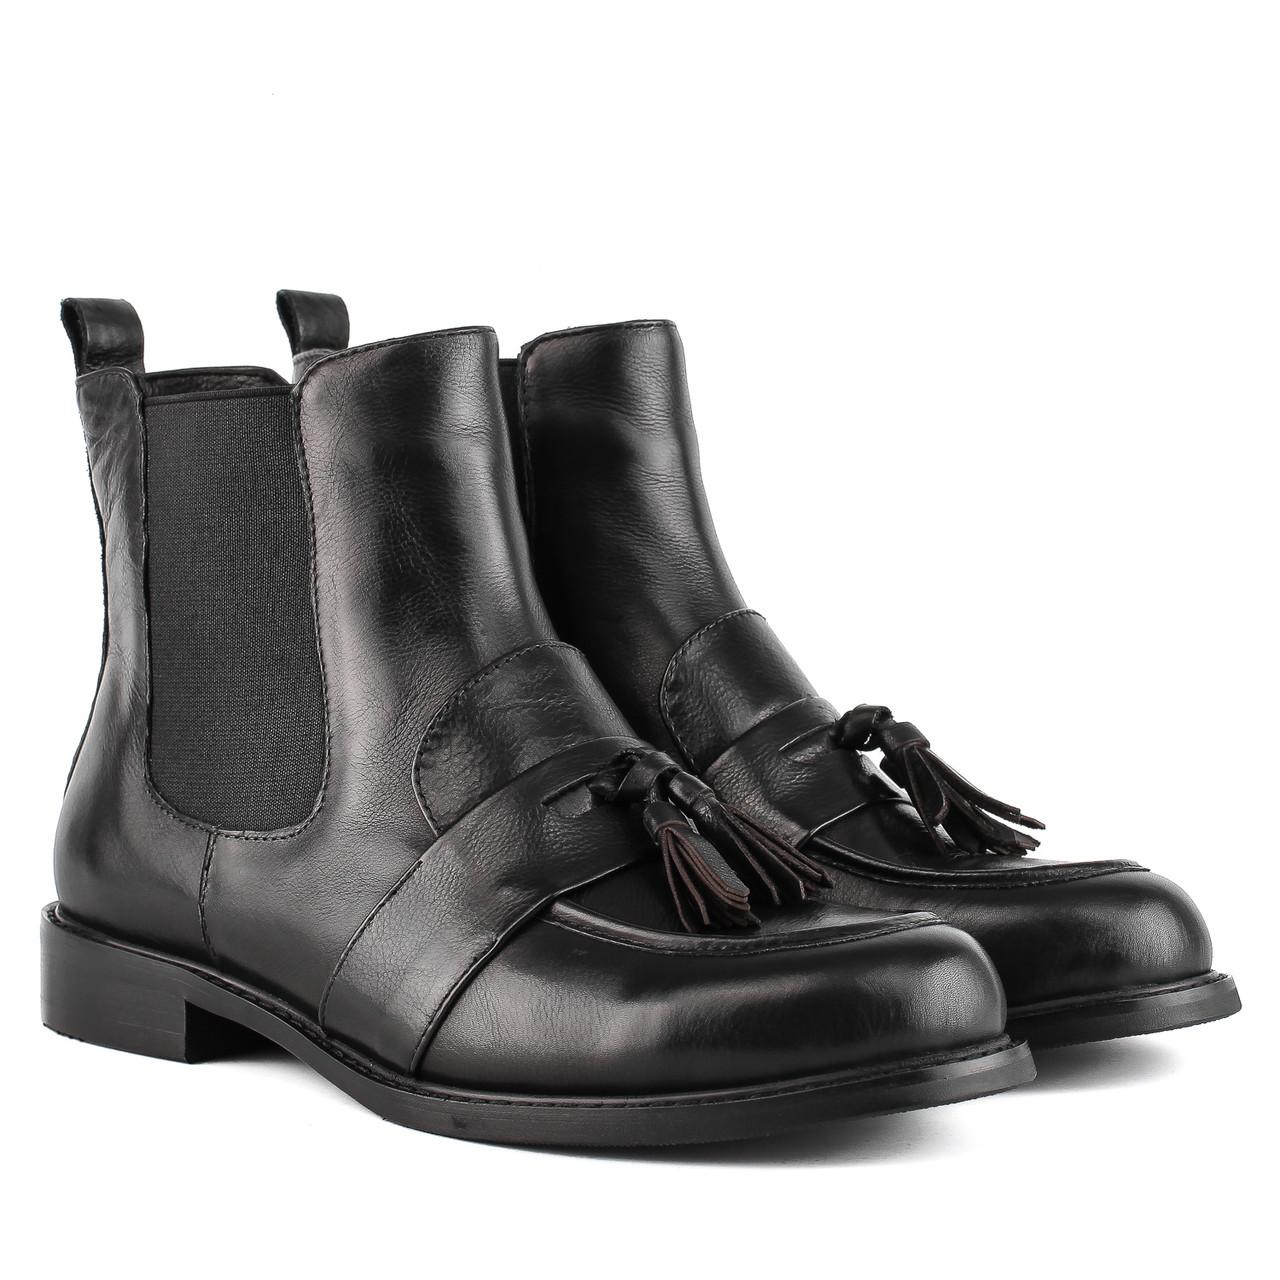 3e9760f60d0d Ботинки женские Djovannia (кожаные, модные, актуальный дизайн, качественные)